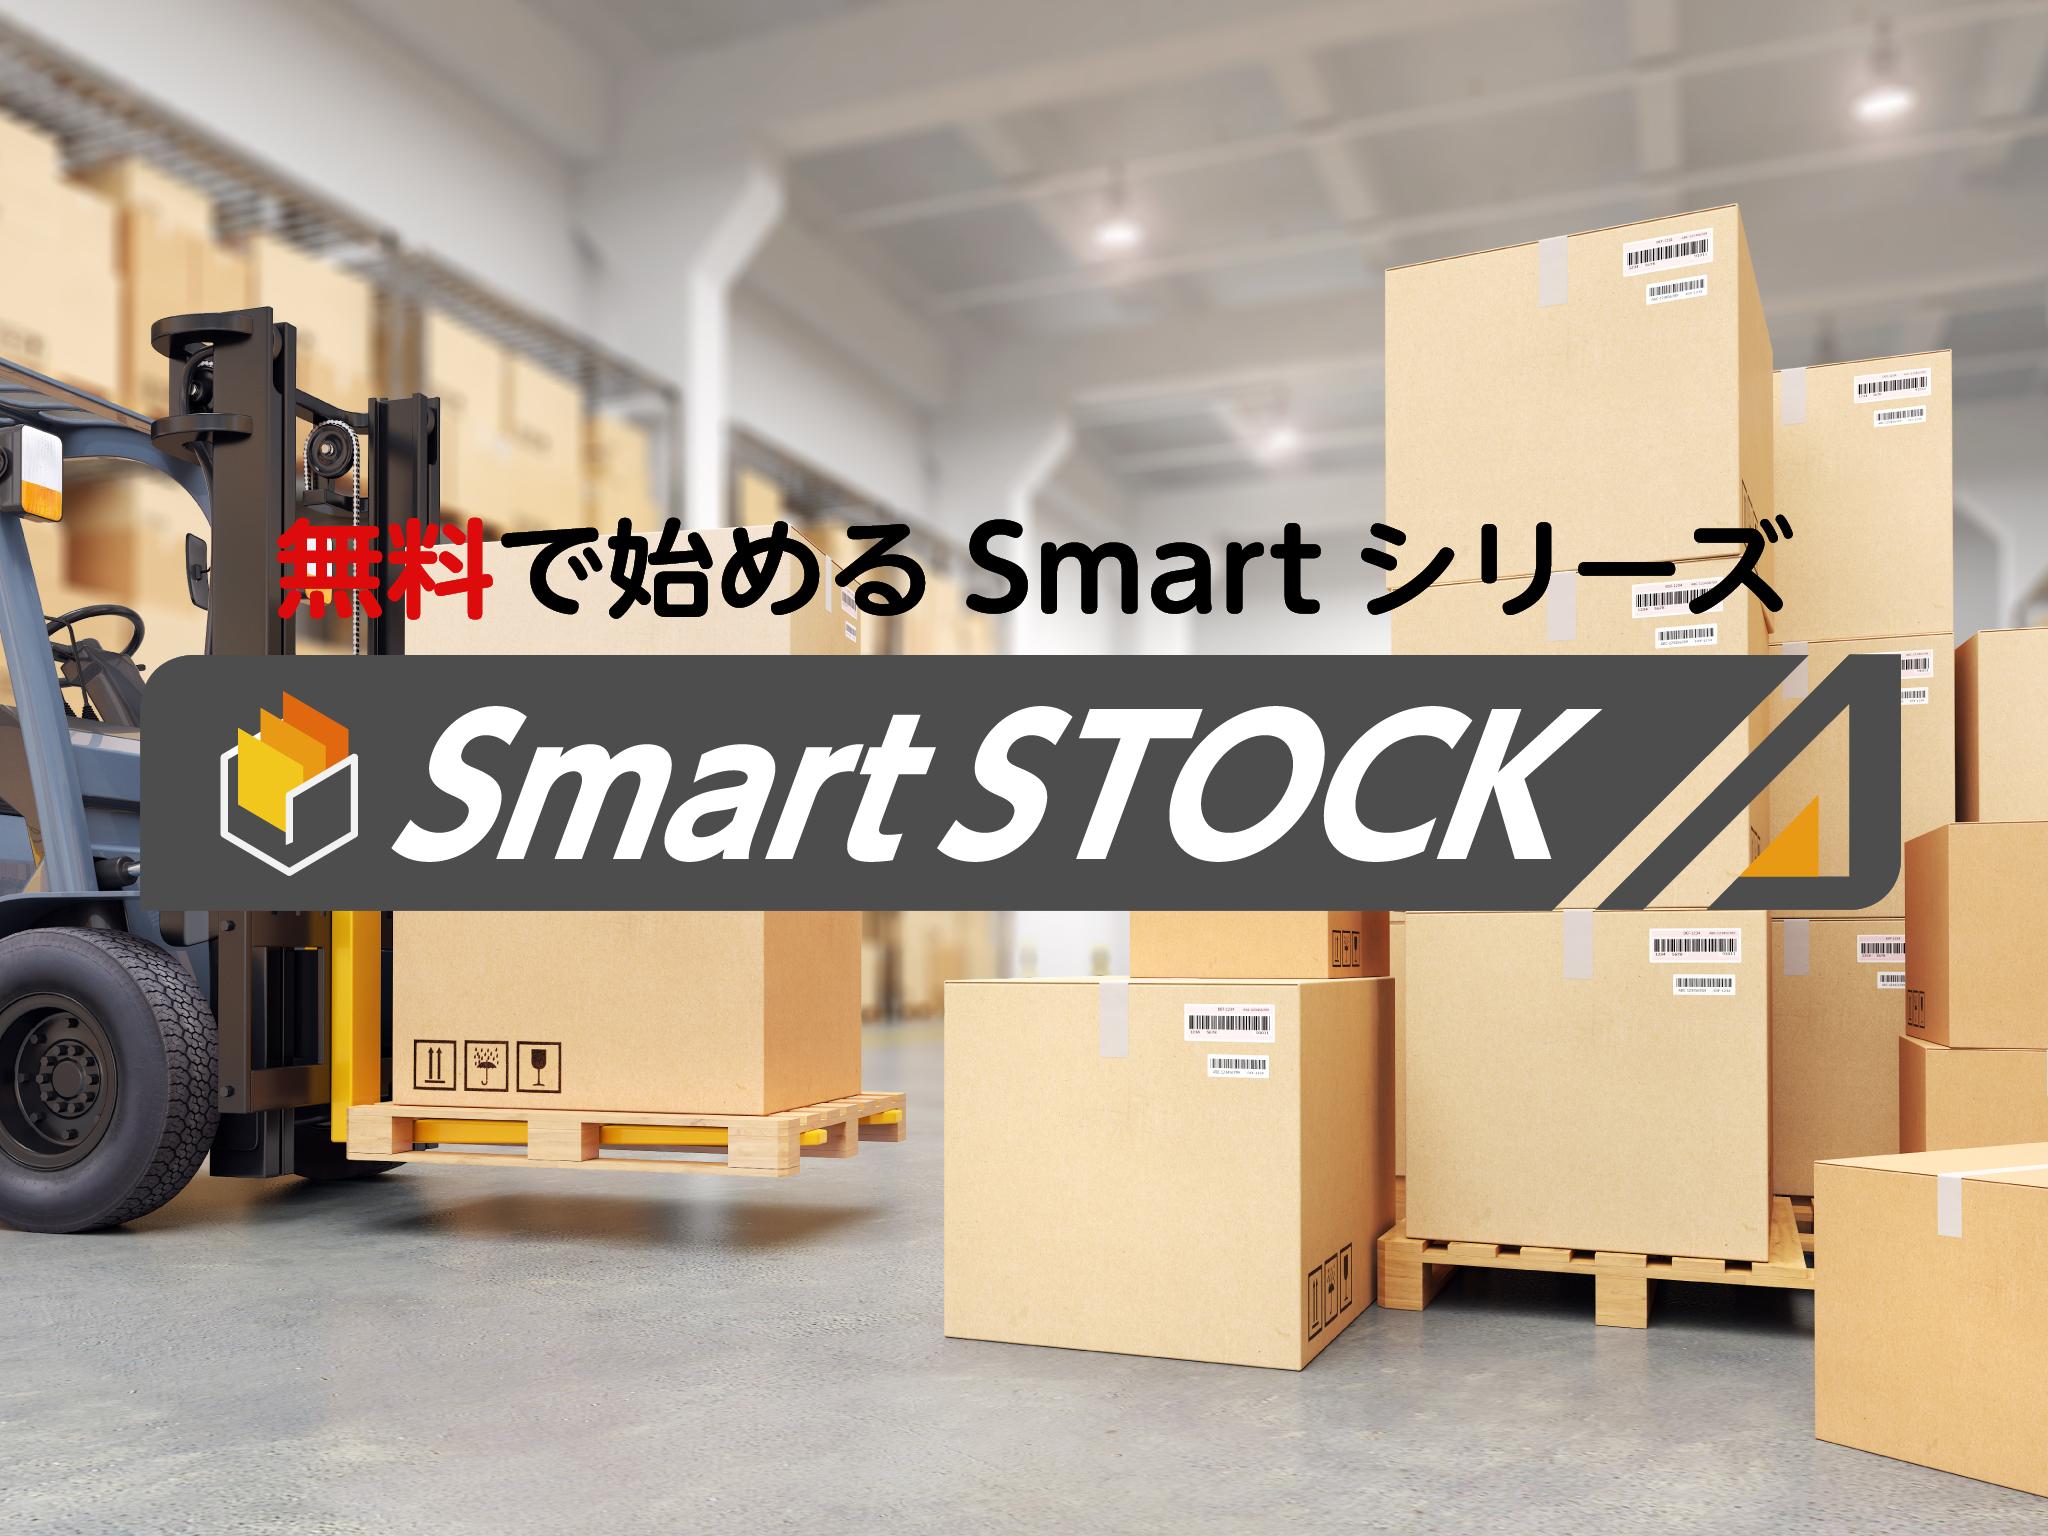 SmartSTOCK